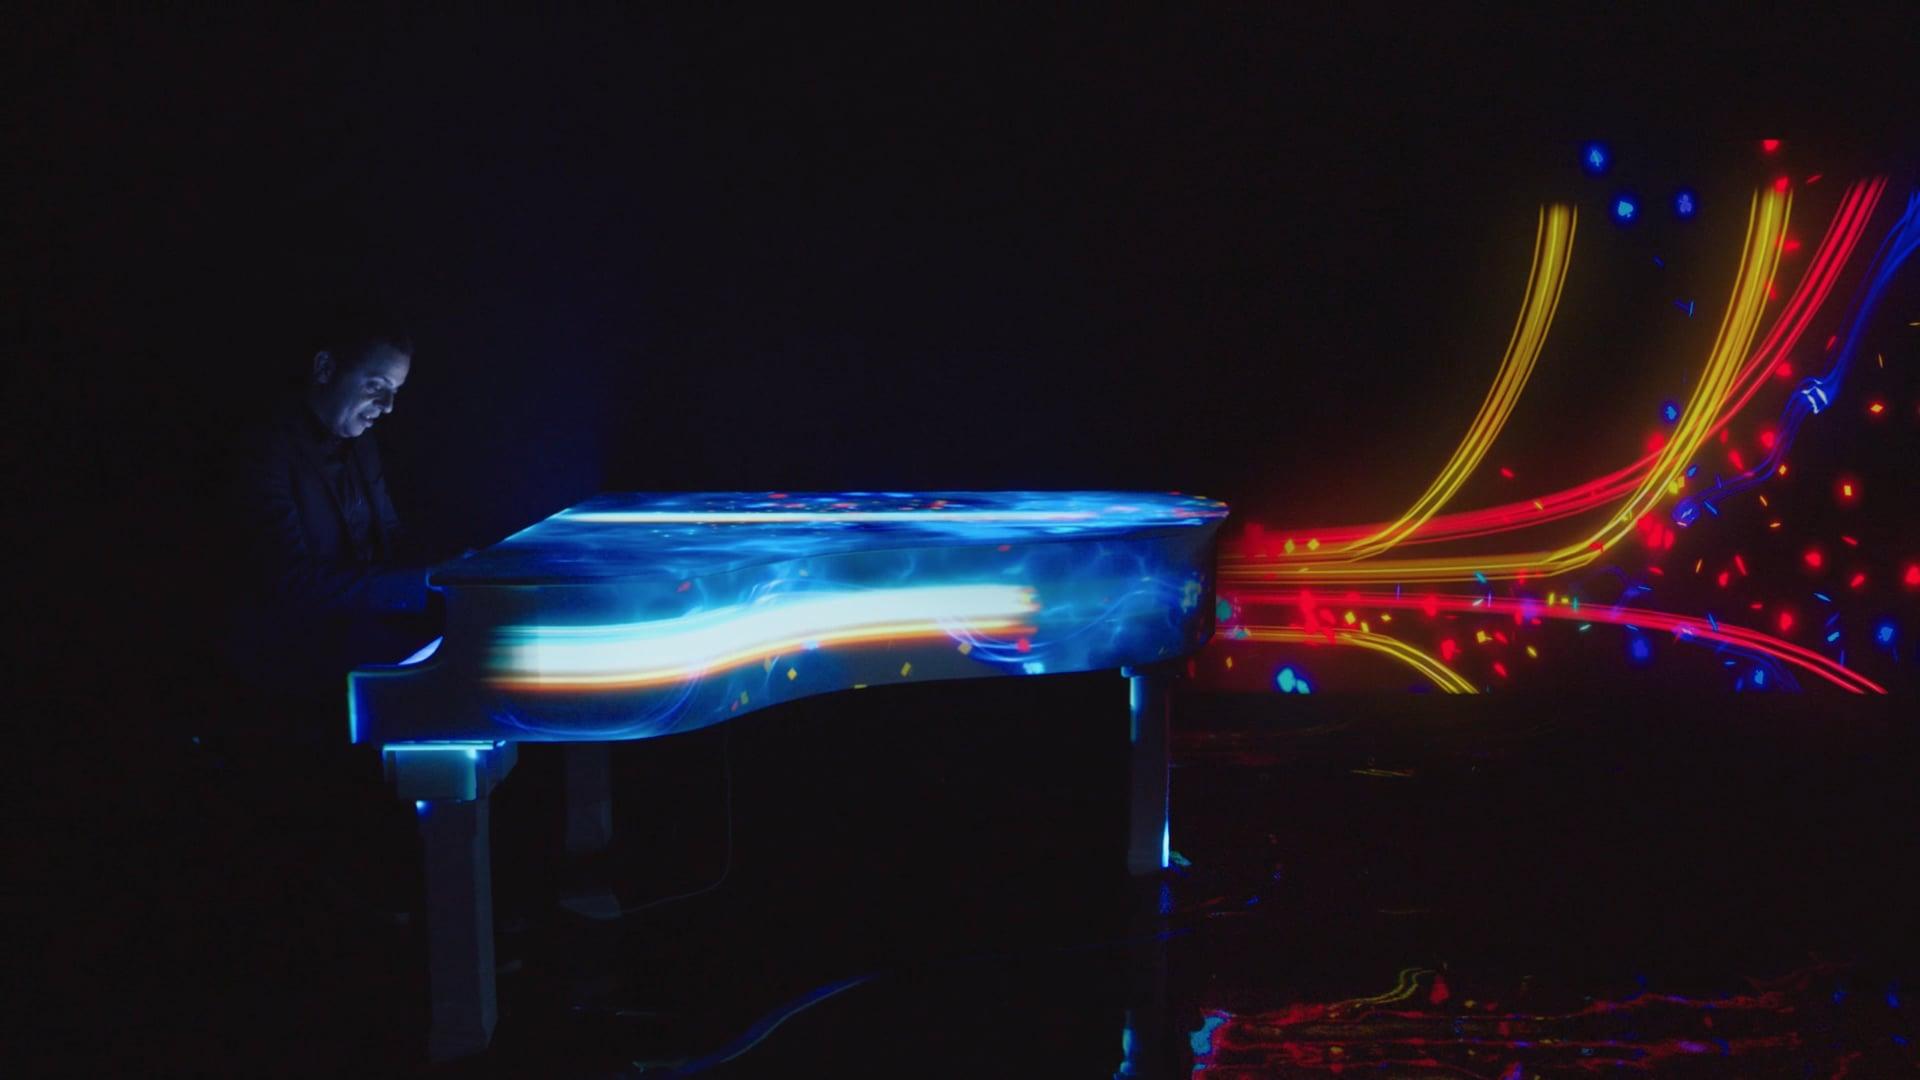 best us online casino lightning spielen